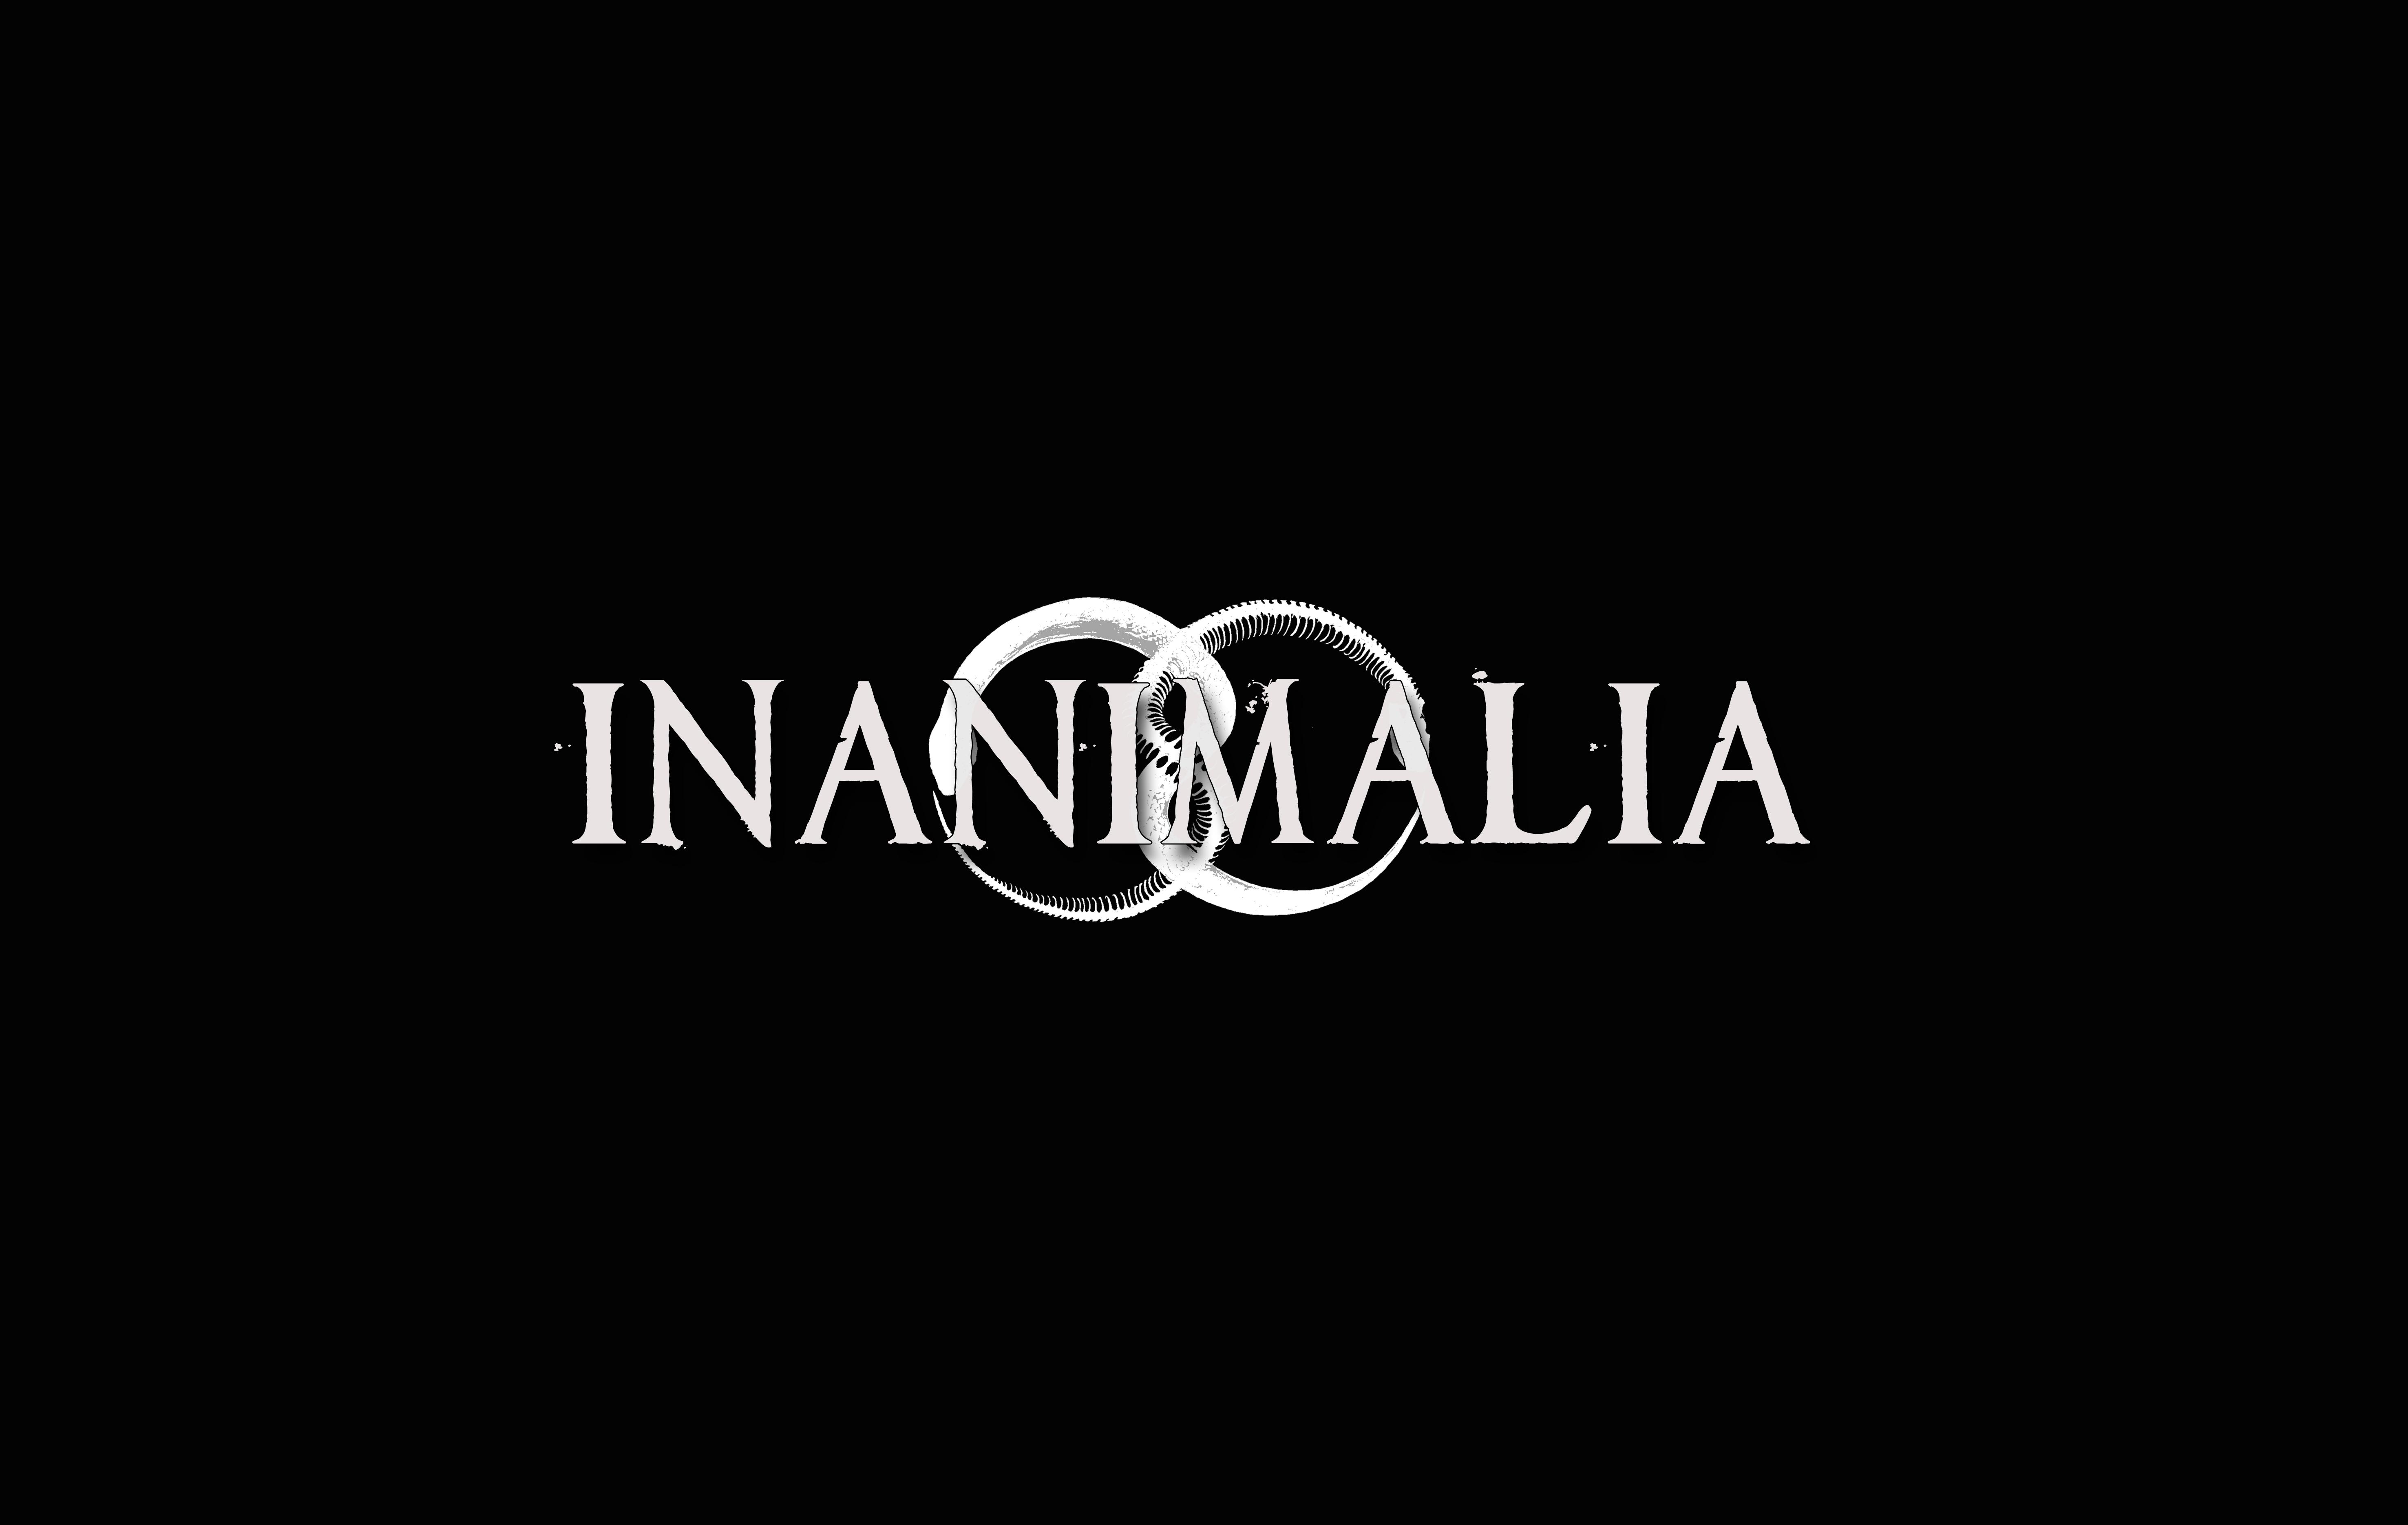 INANIMALIA